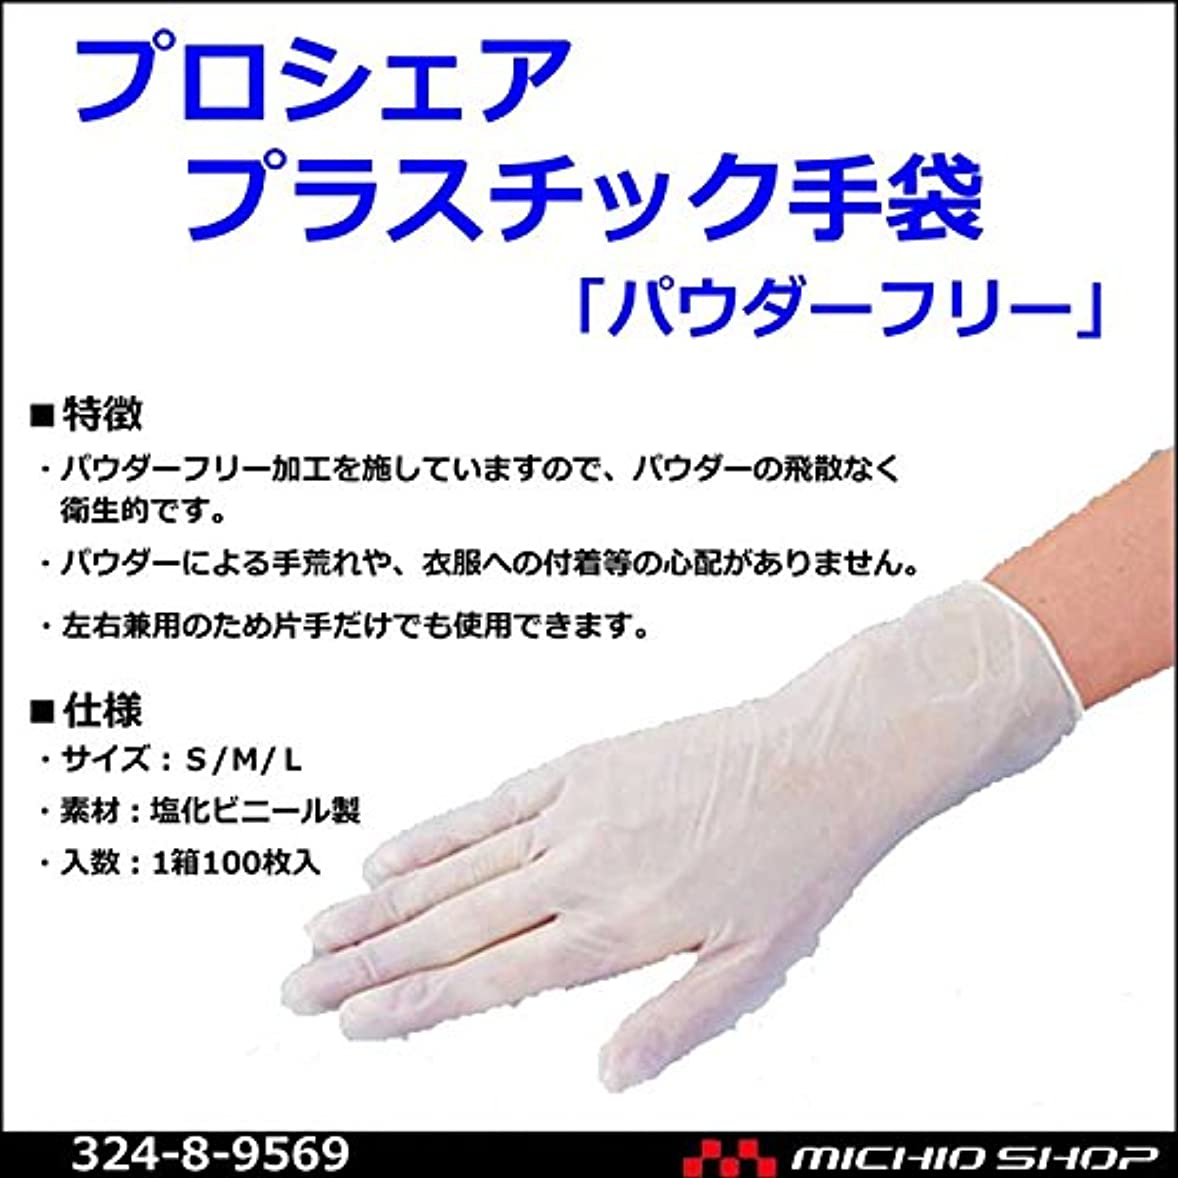 アズワン プロシェアプラスチック手袋 100枚入 8-9569 02 M